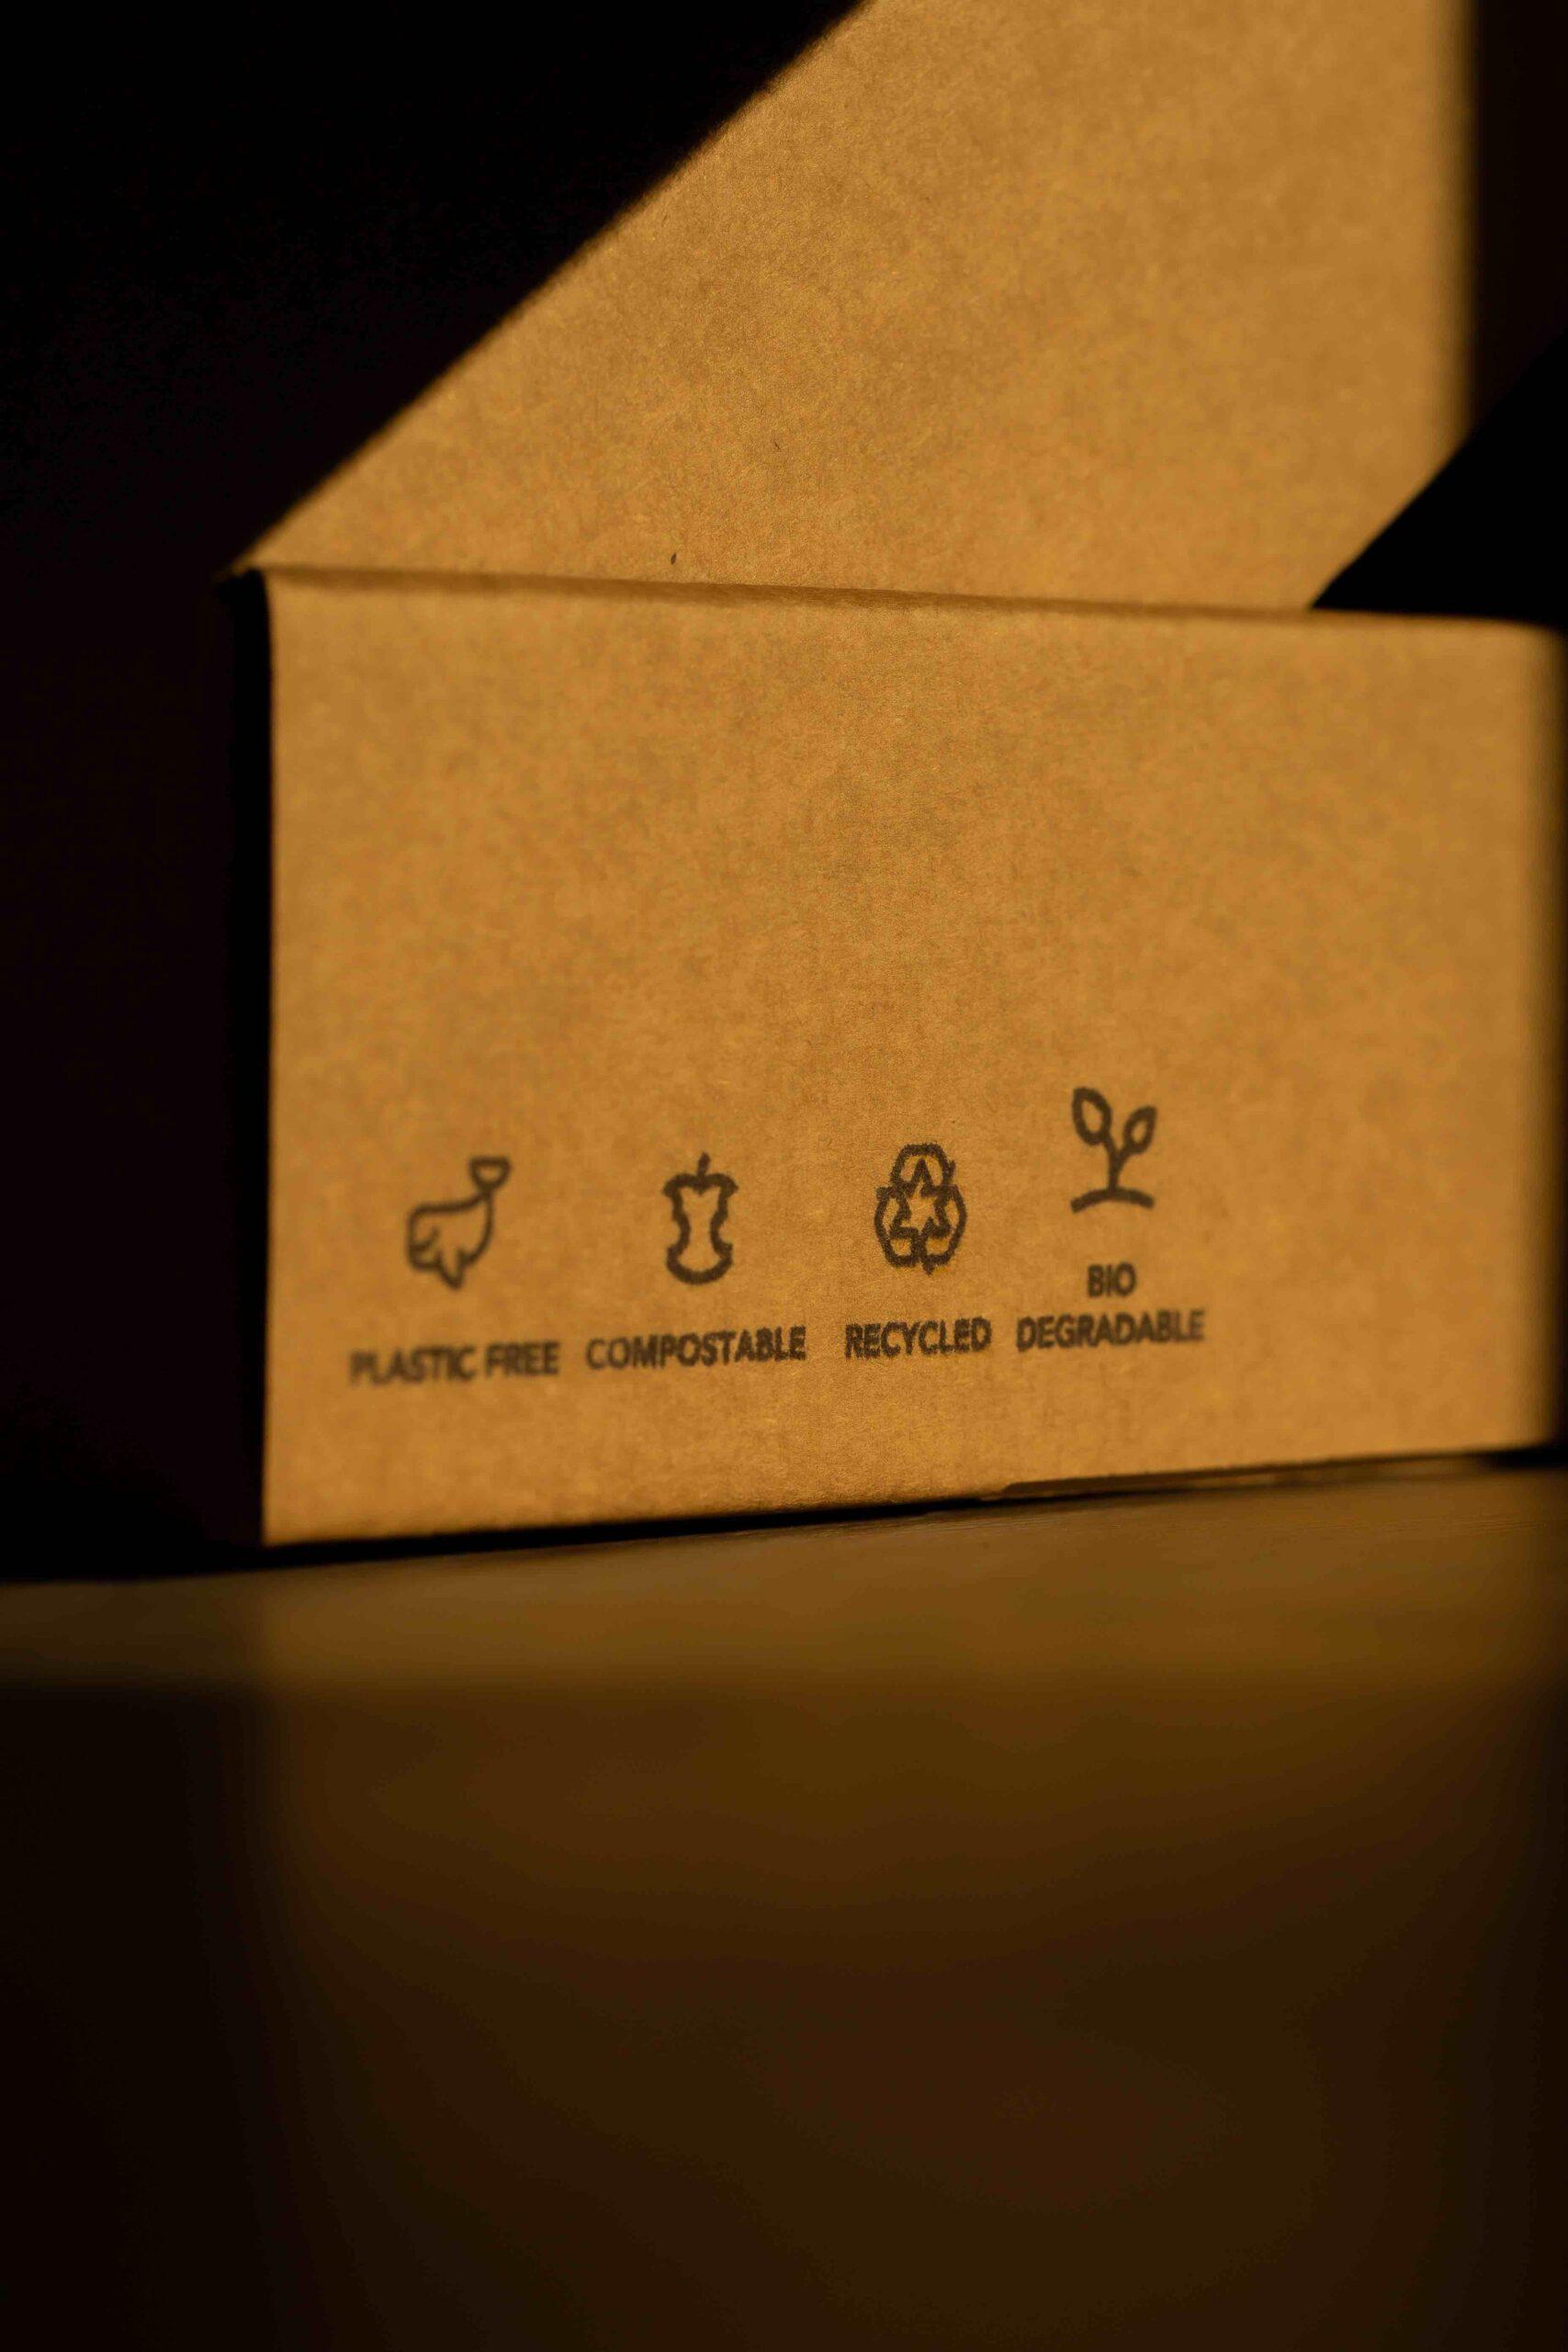 Se publica decreto que fija metas de recolección y valorización de envases y embalajes de la Ley REP